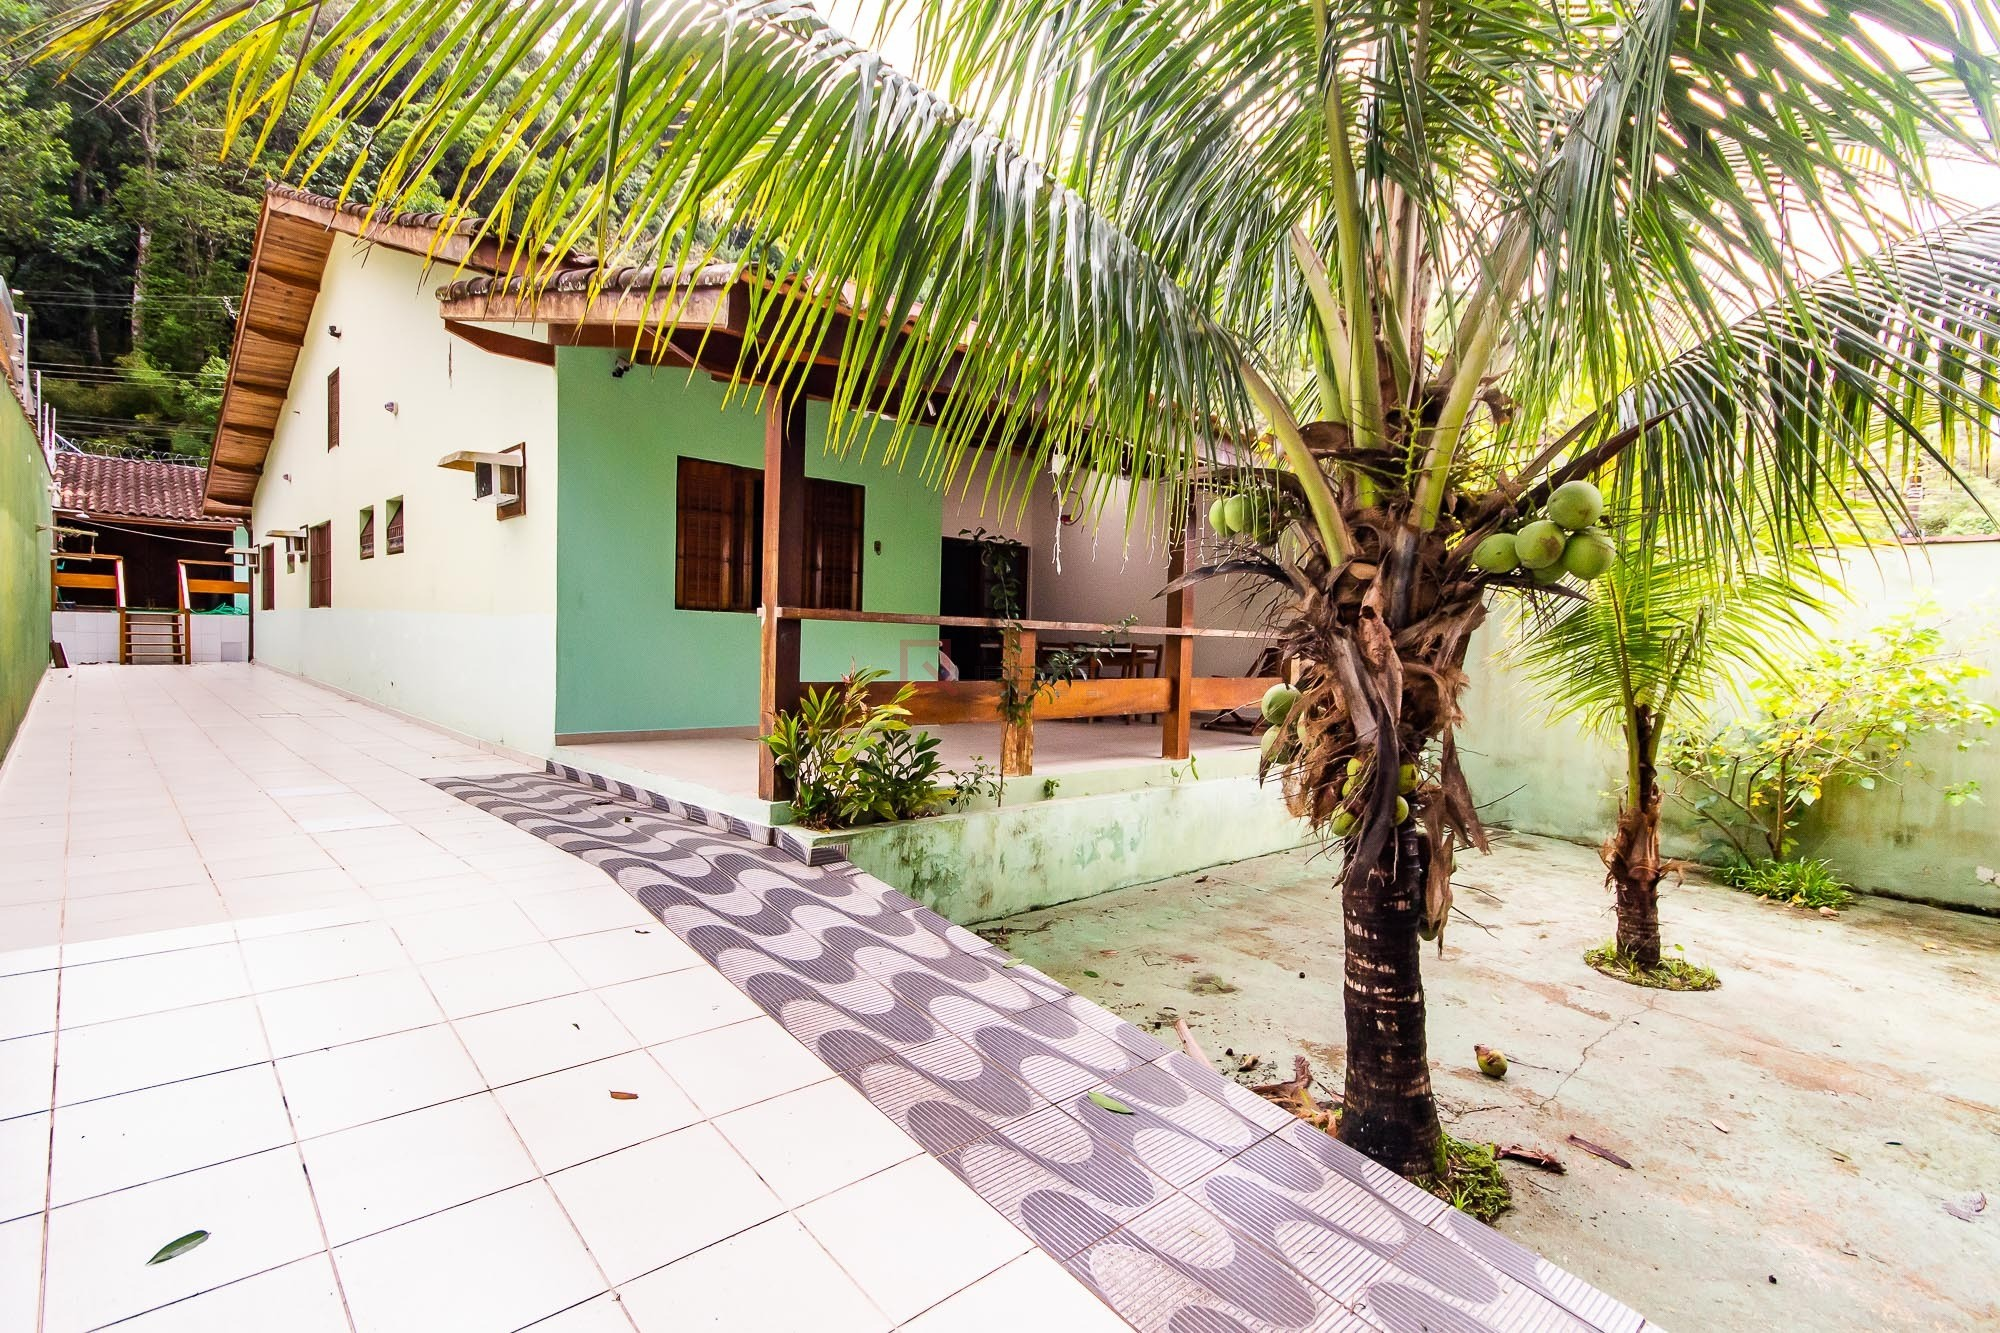 Casa com 3 suítes à venda em Caraguatatuba, no bairro Jardim Adalgisa